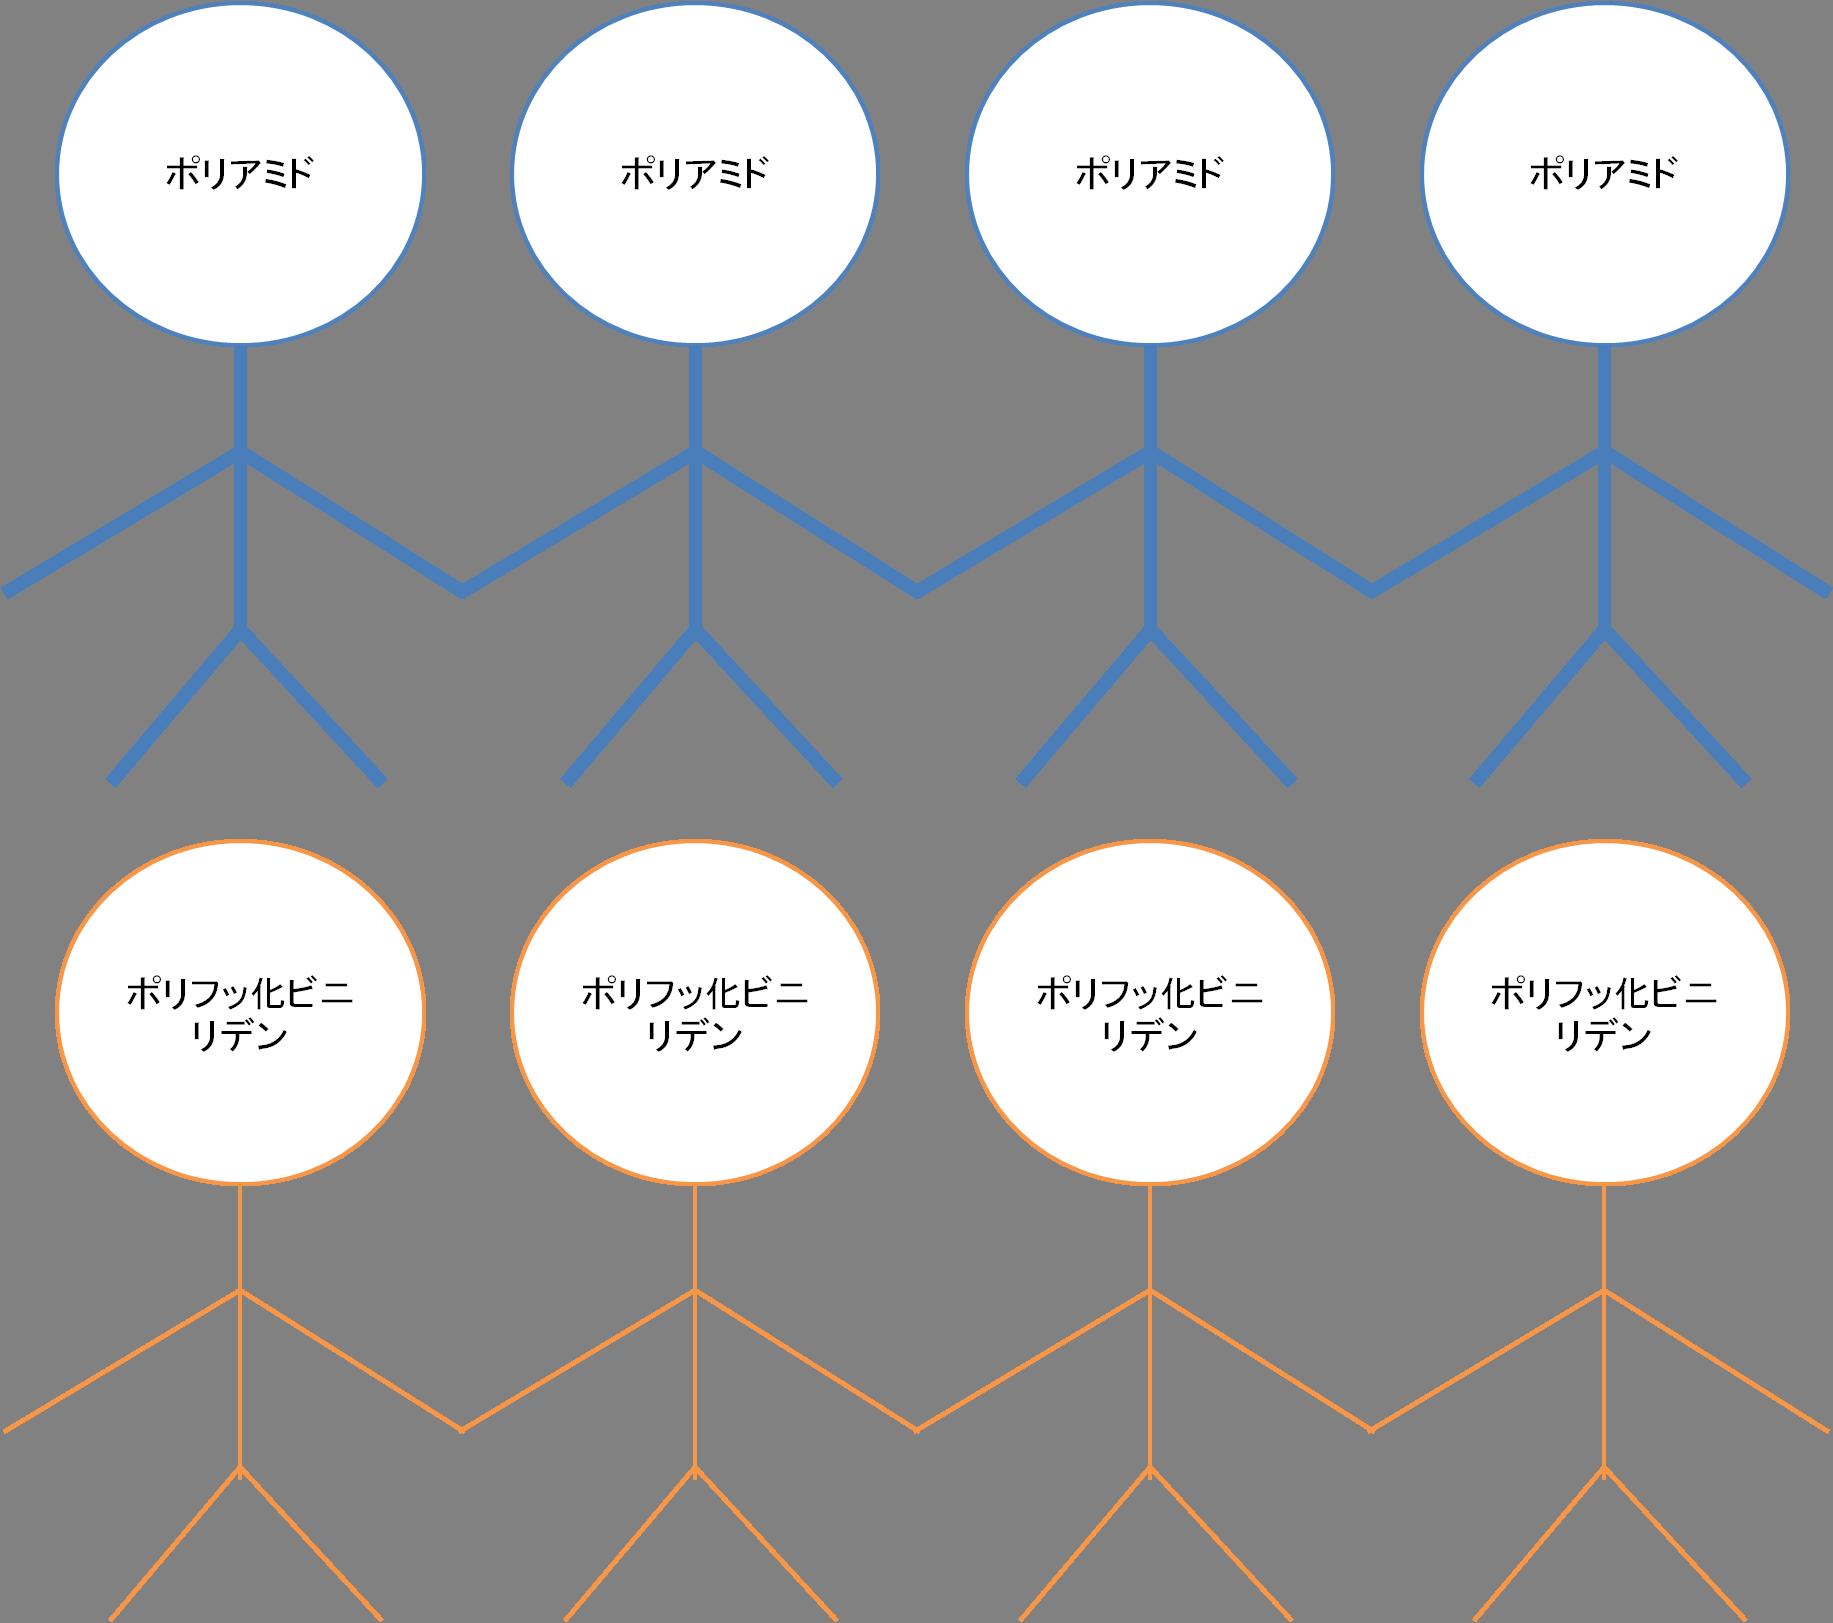 ナイロン・フロロの構造